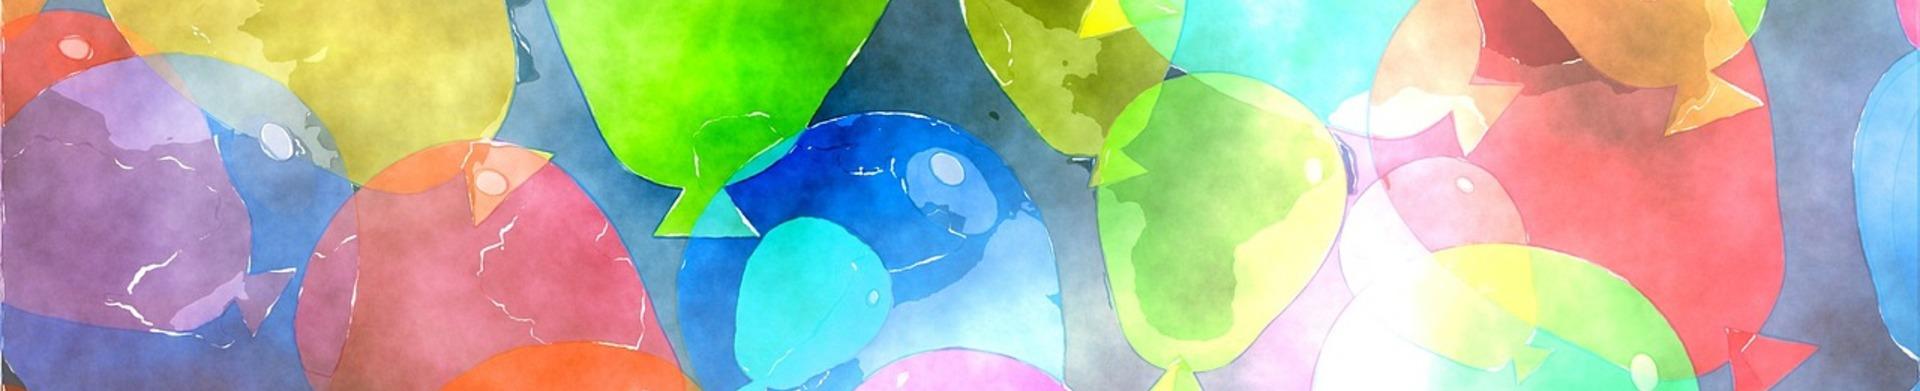 Watercolour 2053247 1280